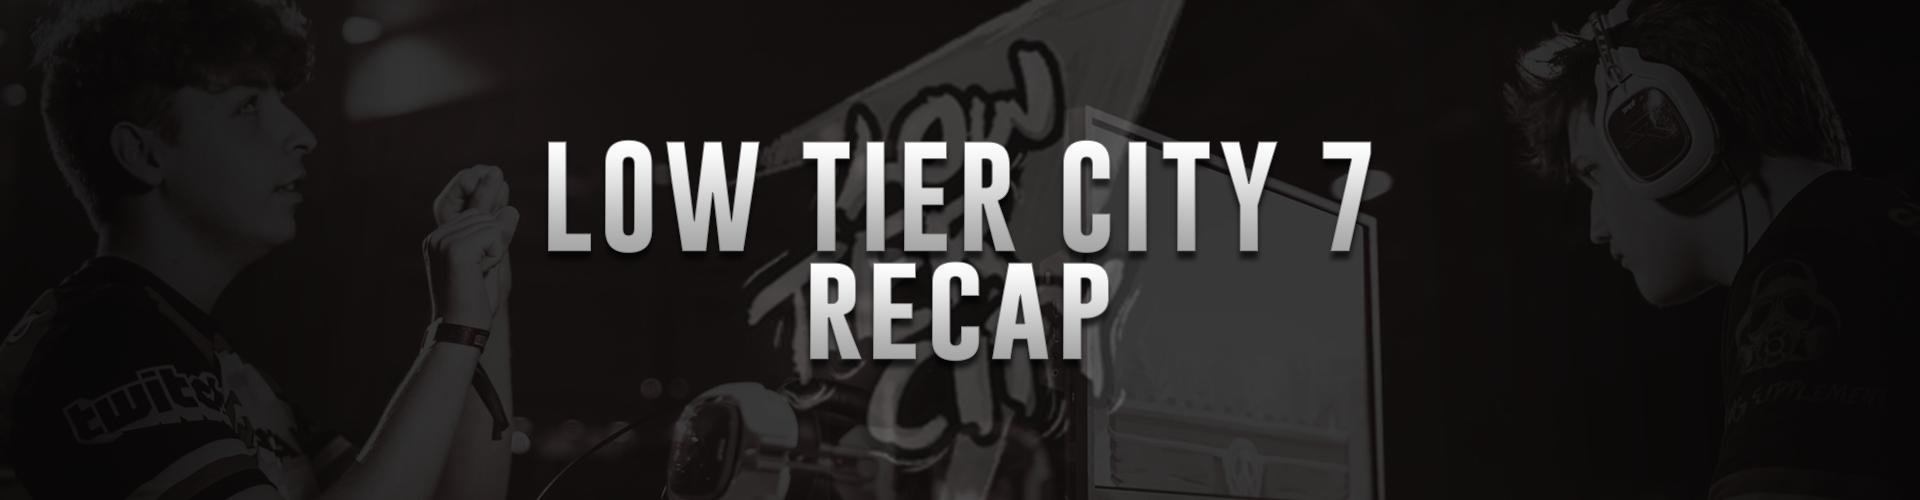 Low Tier City 7 Recap